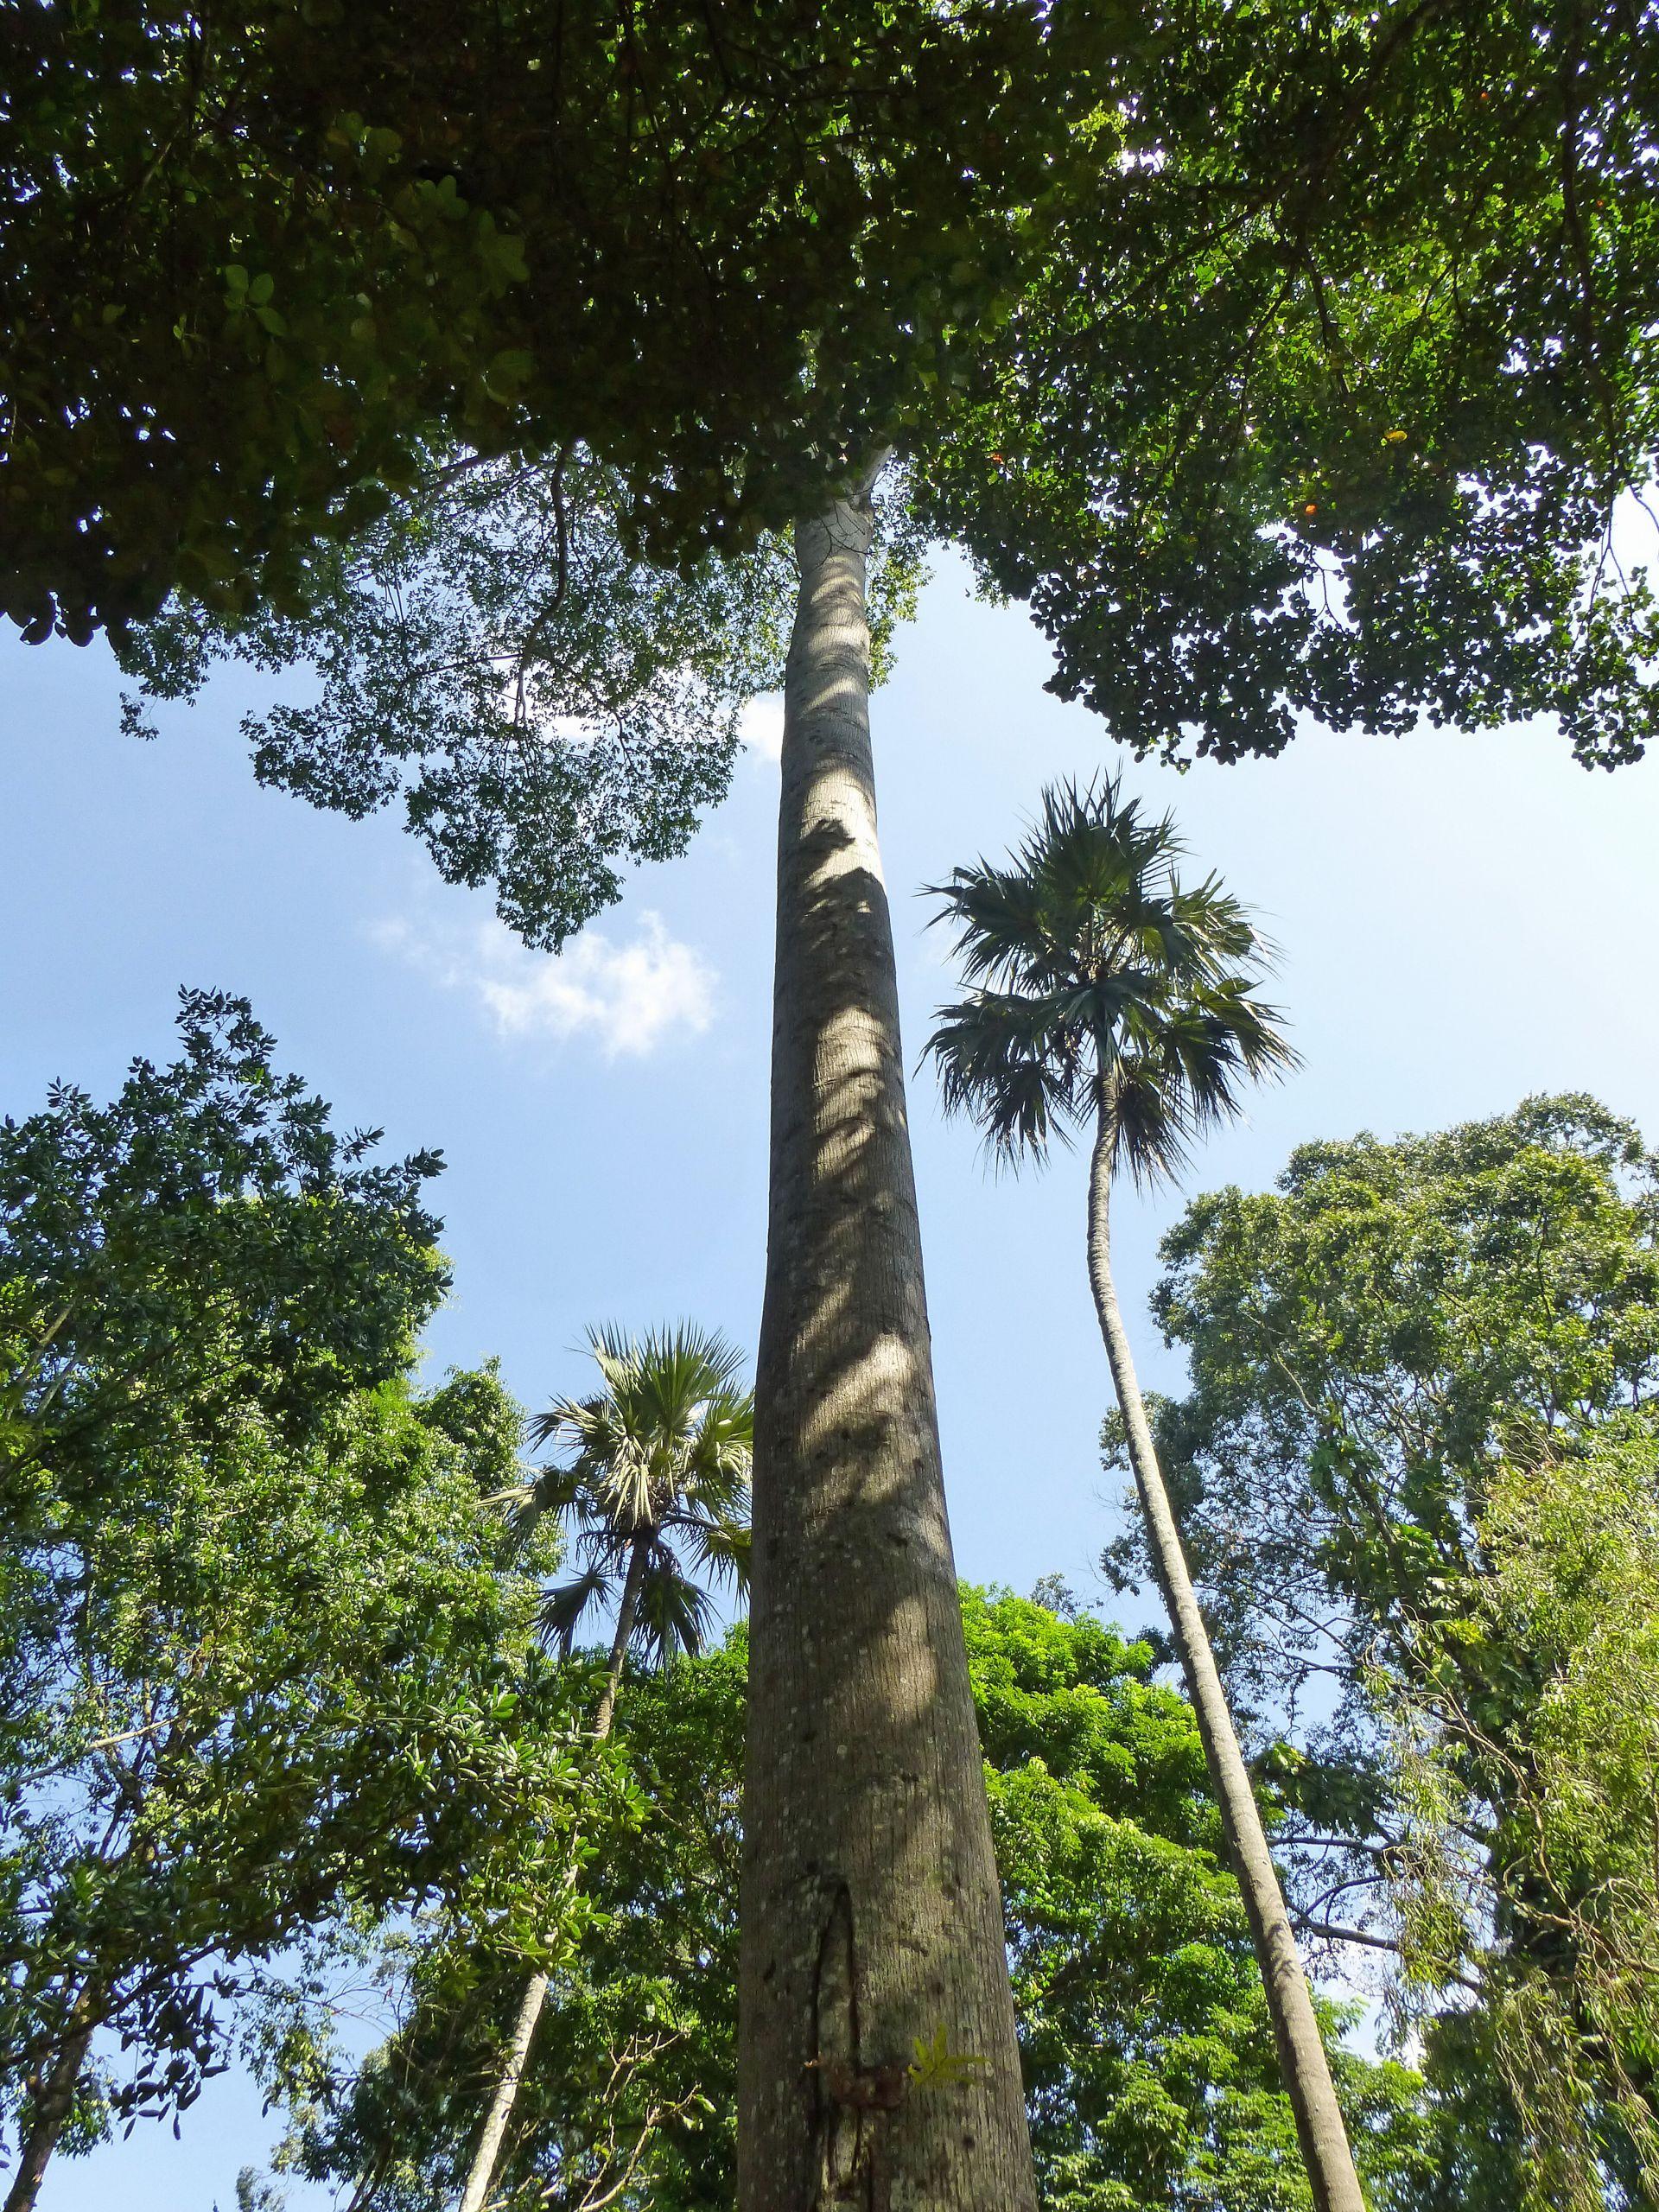 Jardin Botanique Charmant File Antiaris toxicaria Jardin Botanique De Kandy 2